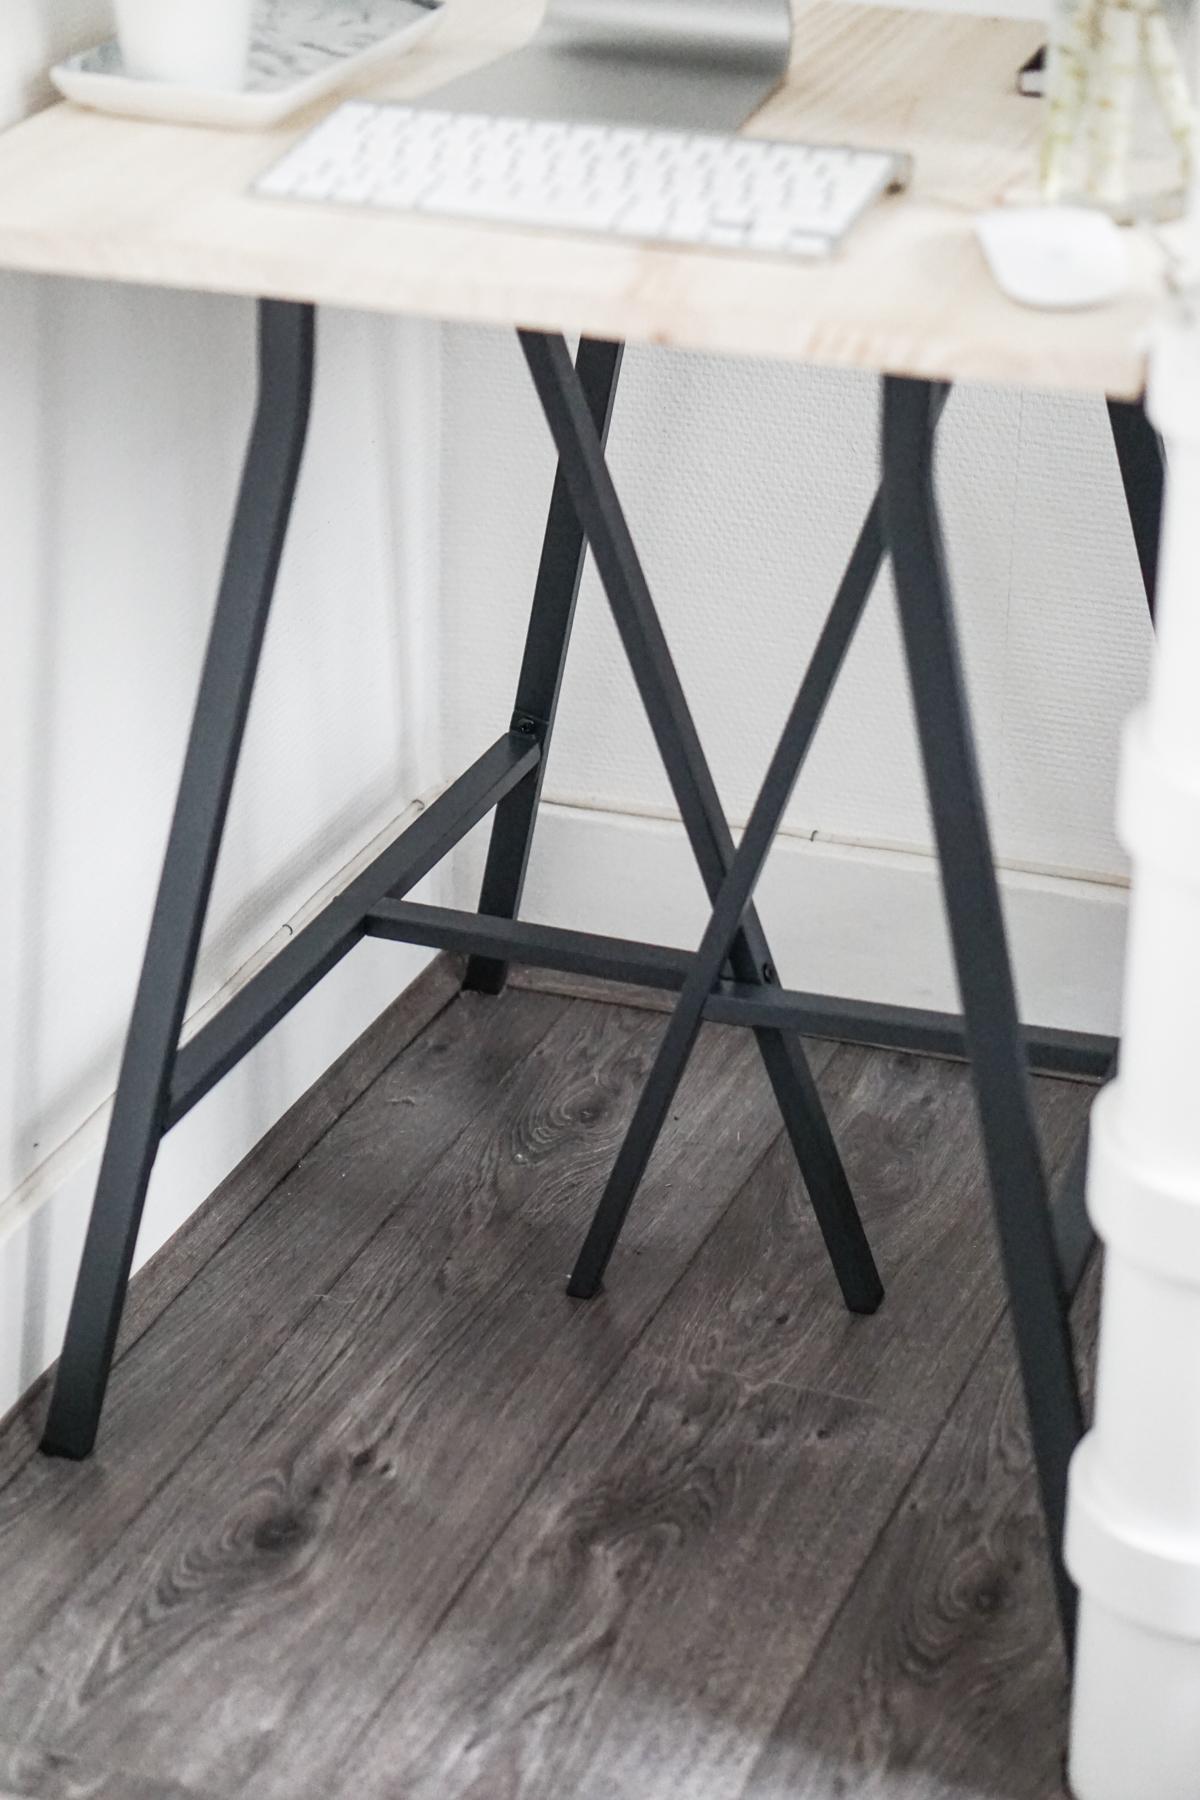 Diy un bureau pour moins de 30 noholita blog - Planche de bois pour bureau ...